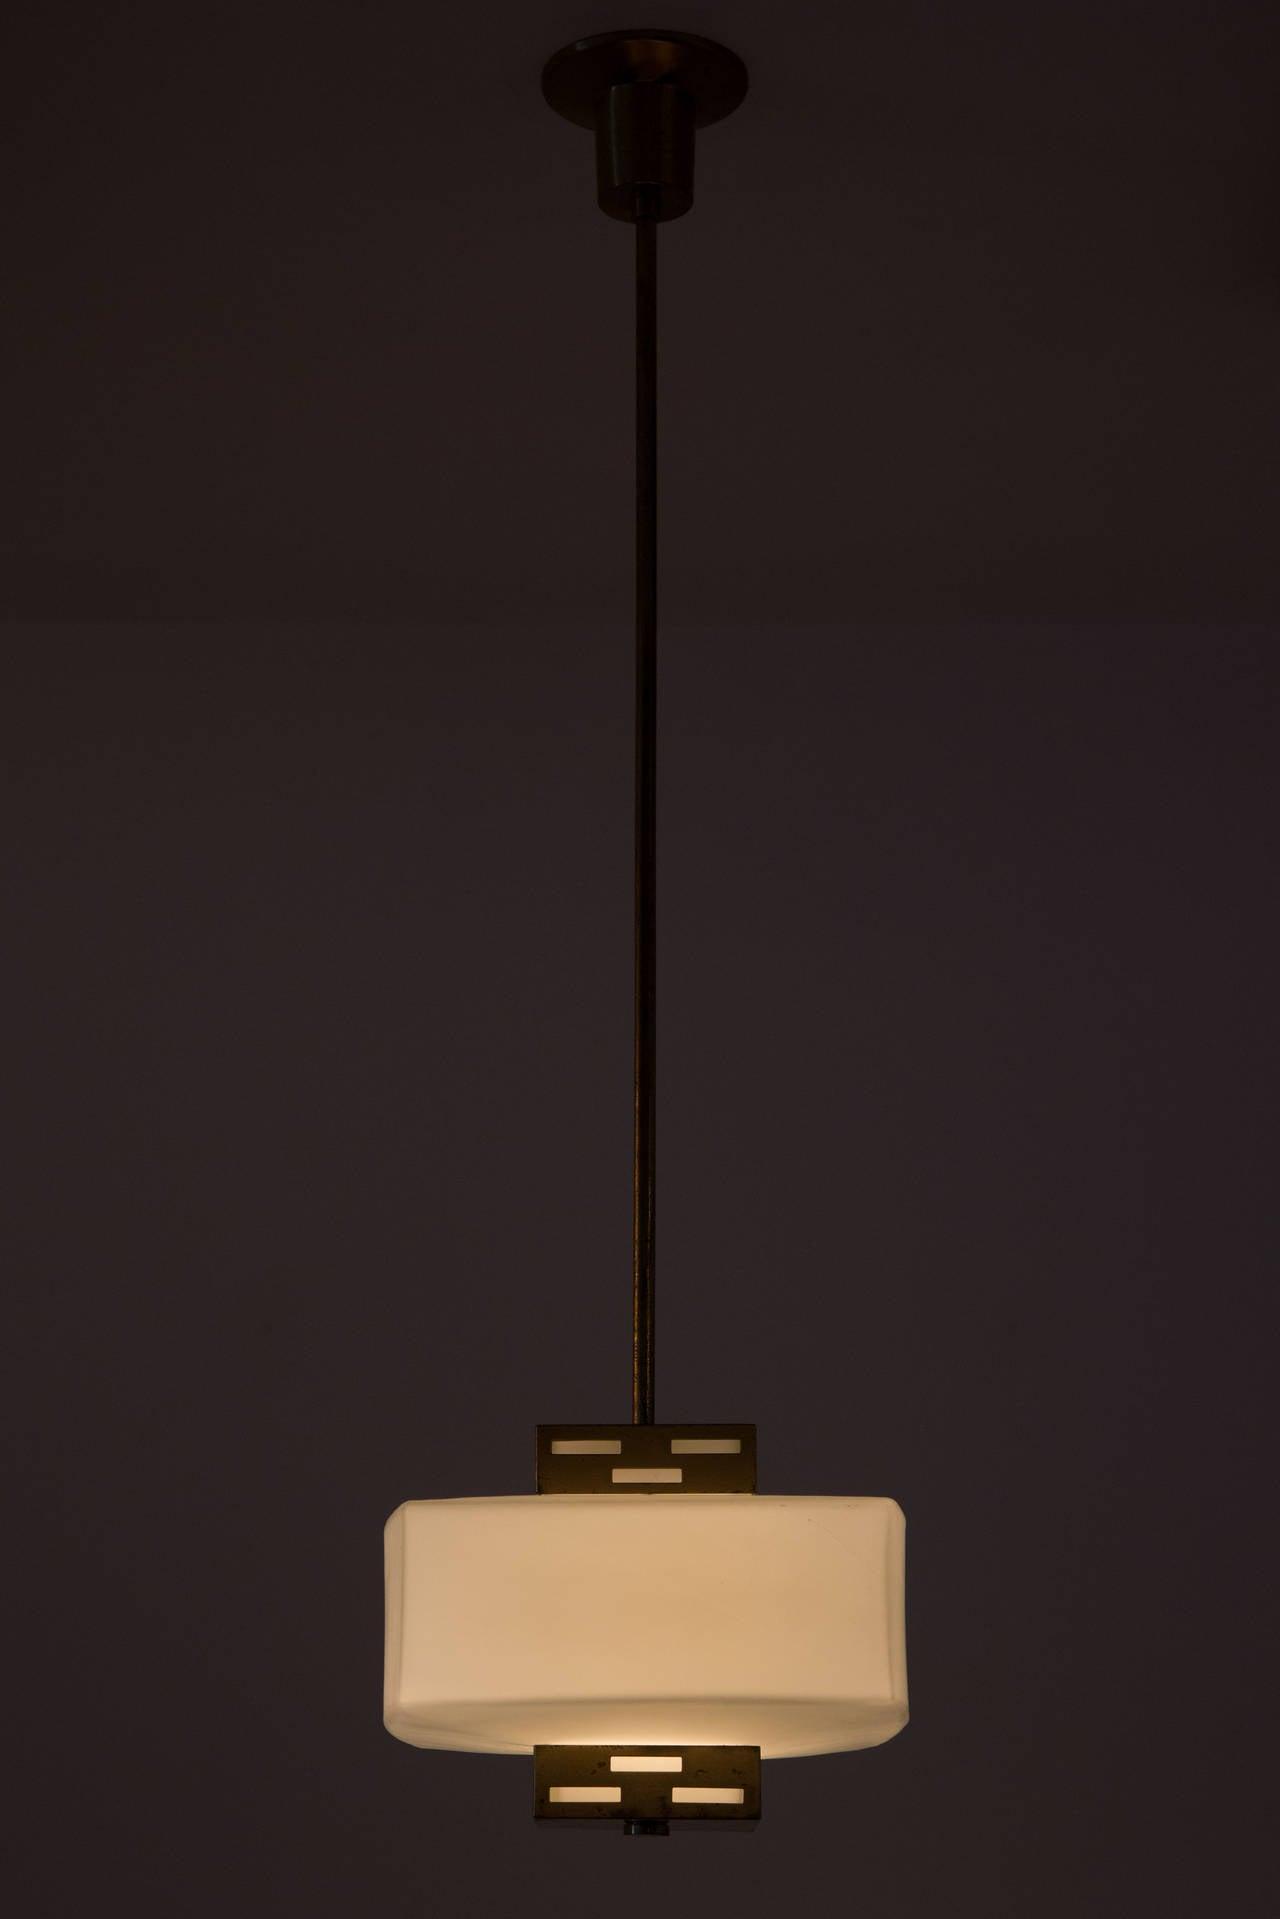 Angelo lelli for arredoluce pendant for sale at 1stdibs for Arredo luce